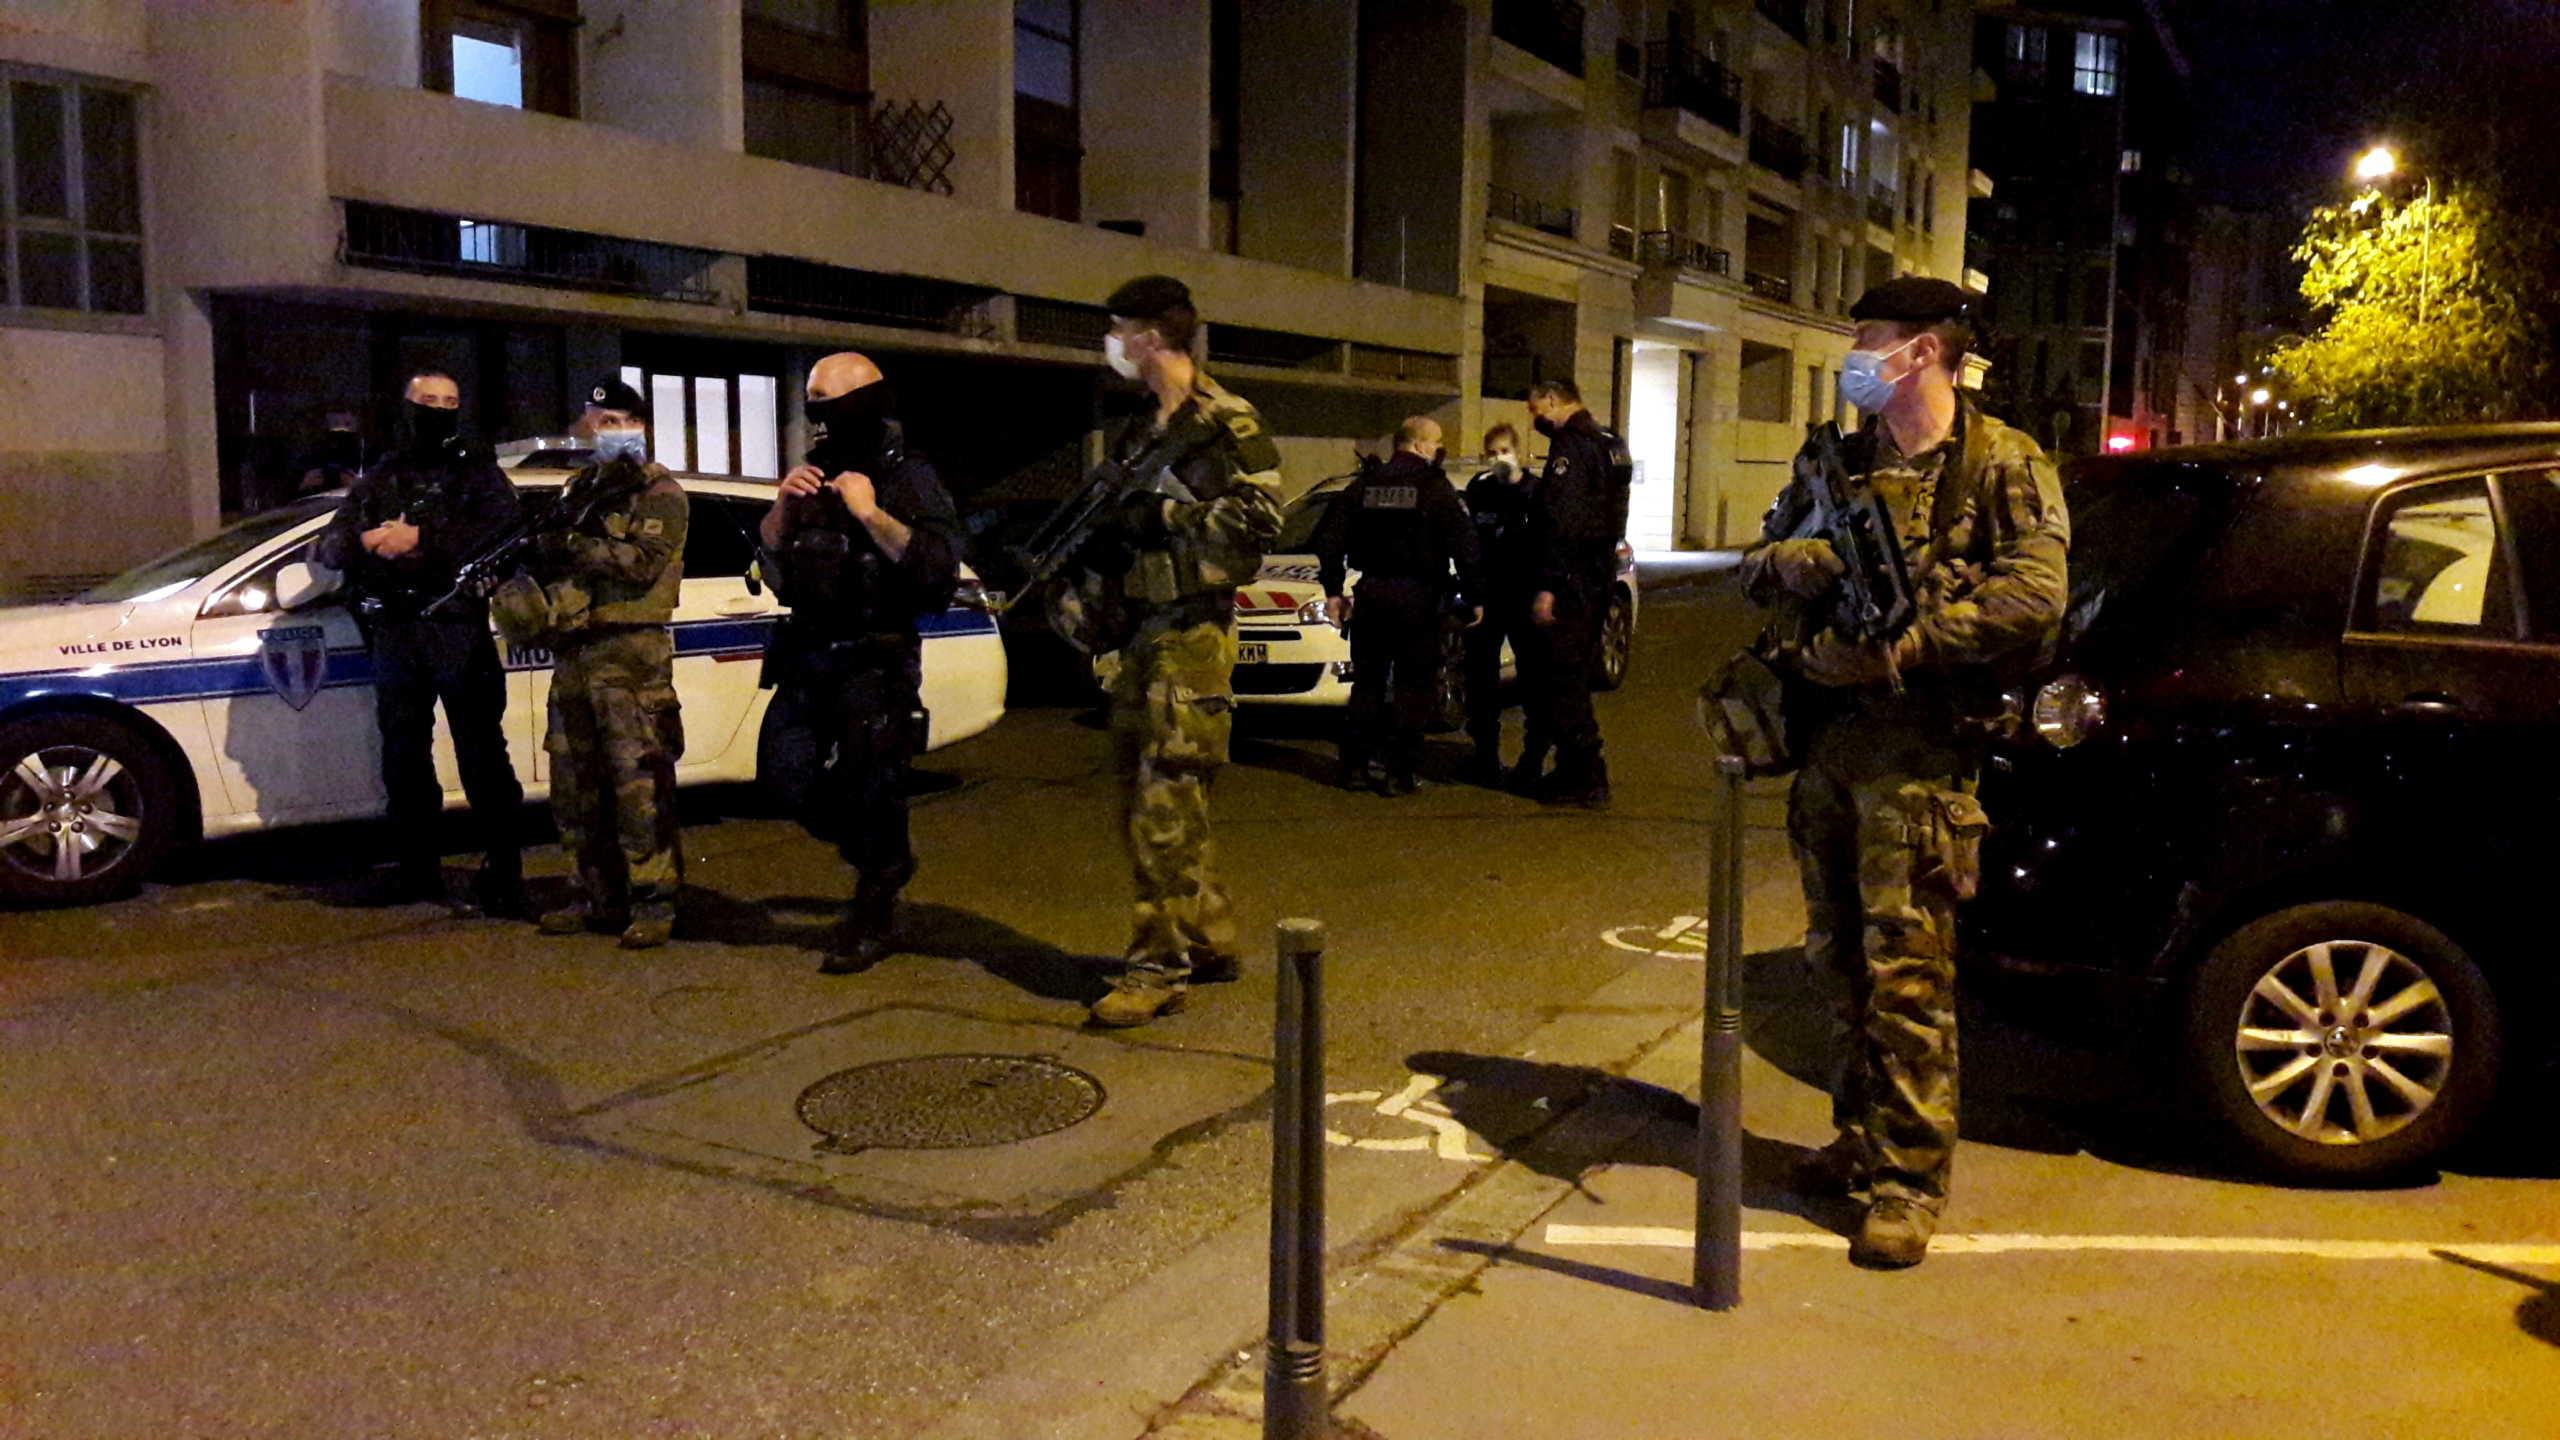 Συνελήφθη ένας άνδρας για την επίθεση στον ελληνορθόδοξο ιερέα στη Λιόν!